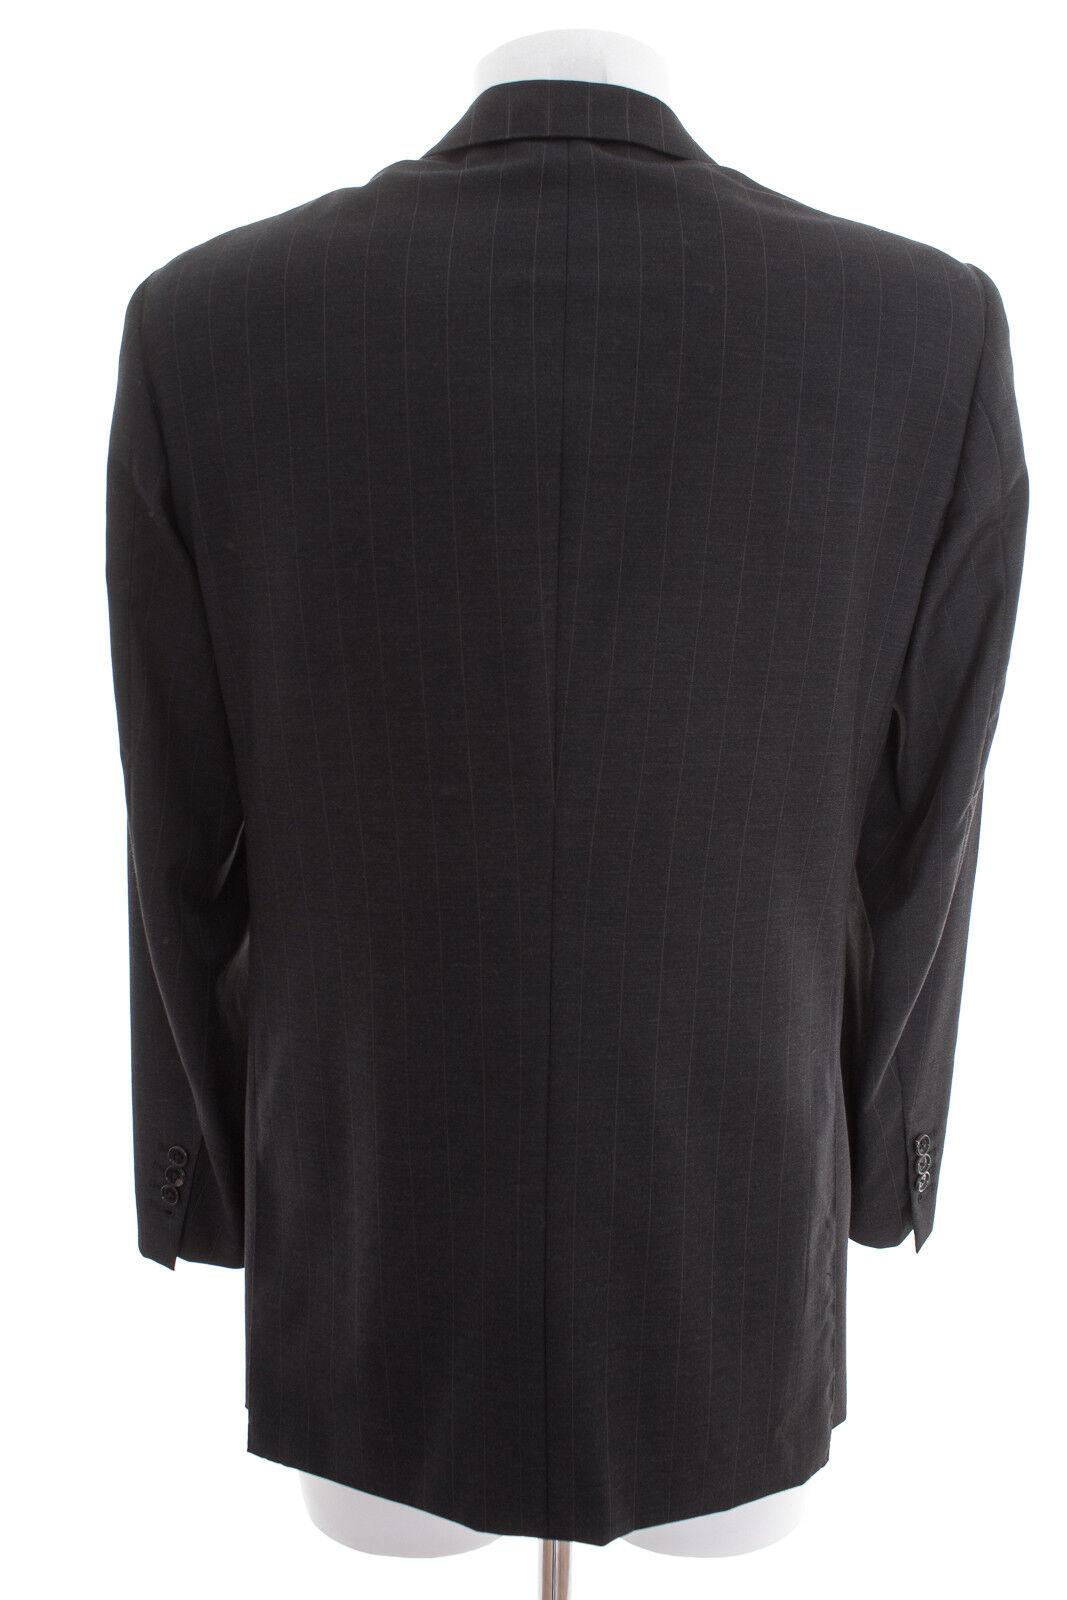 LANVIN Anzug Gr. DE 46 Herren Business Business Business Suit Schwarzgrau Wolle  | Spielen Sie auf der ganzen Welt und verhindern Sie, dass Ihre Kinder einsam sind  | Online  | Klein und fein  e39bf2